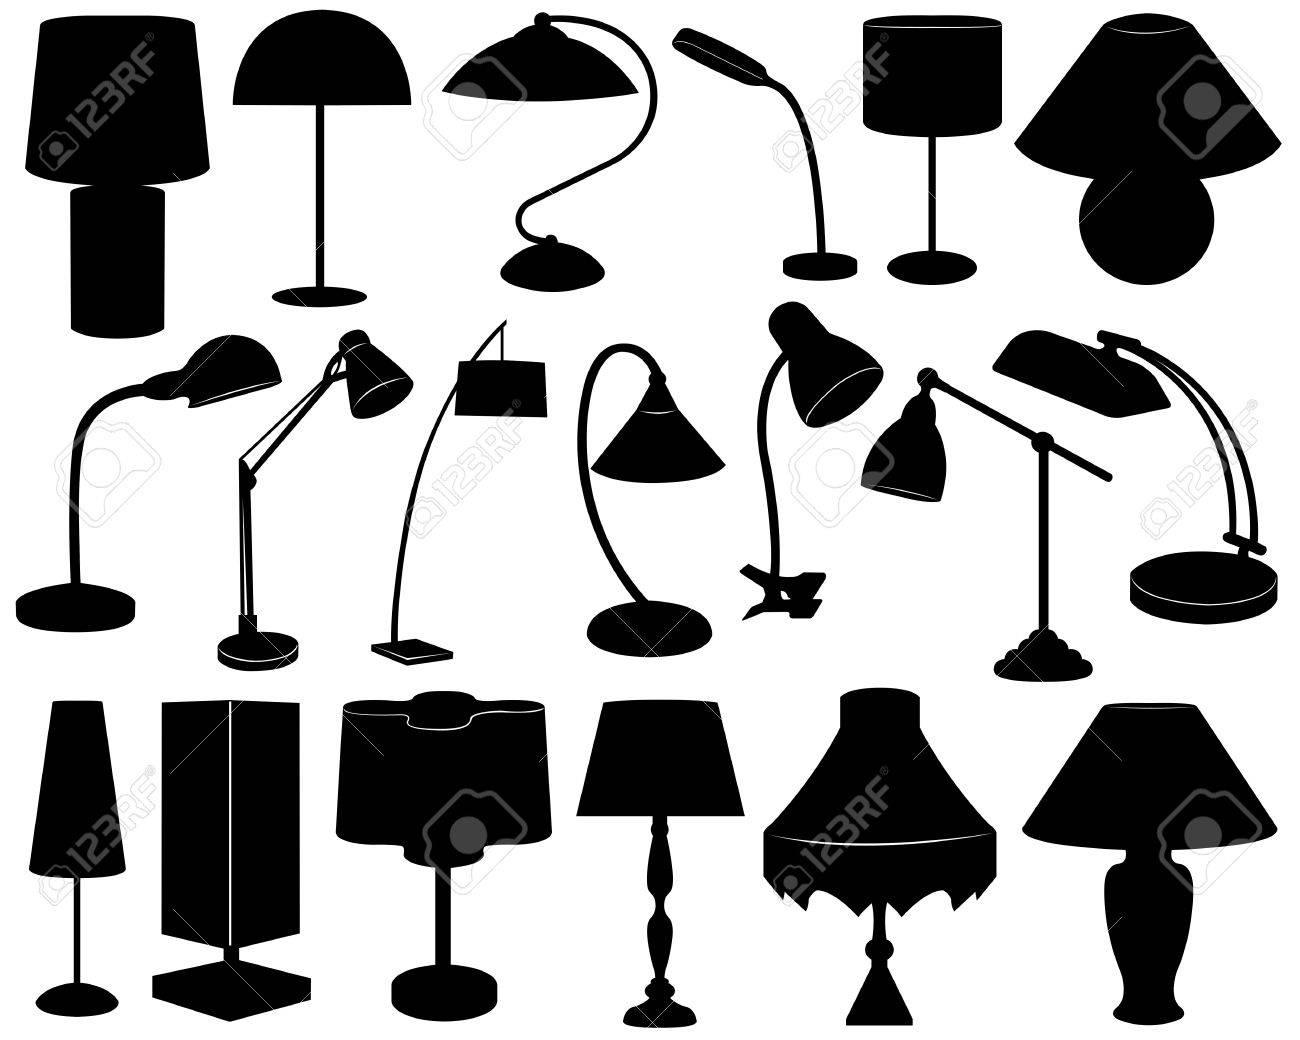 Lamp set isolated on white - 13547493